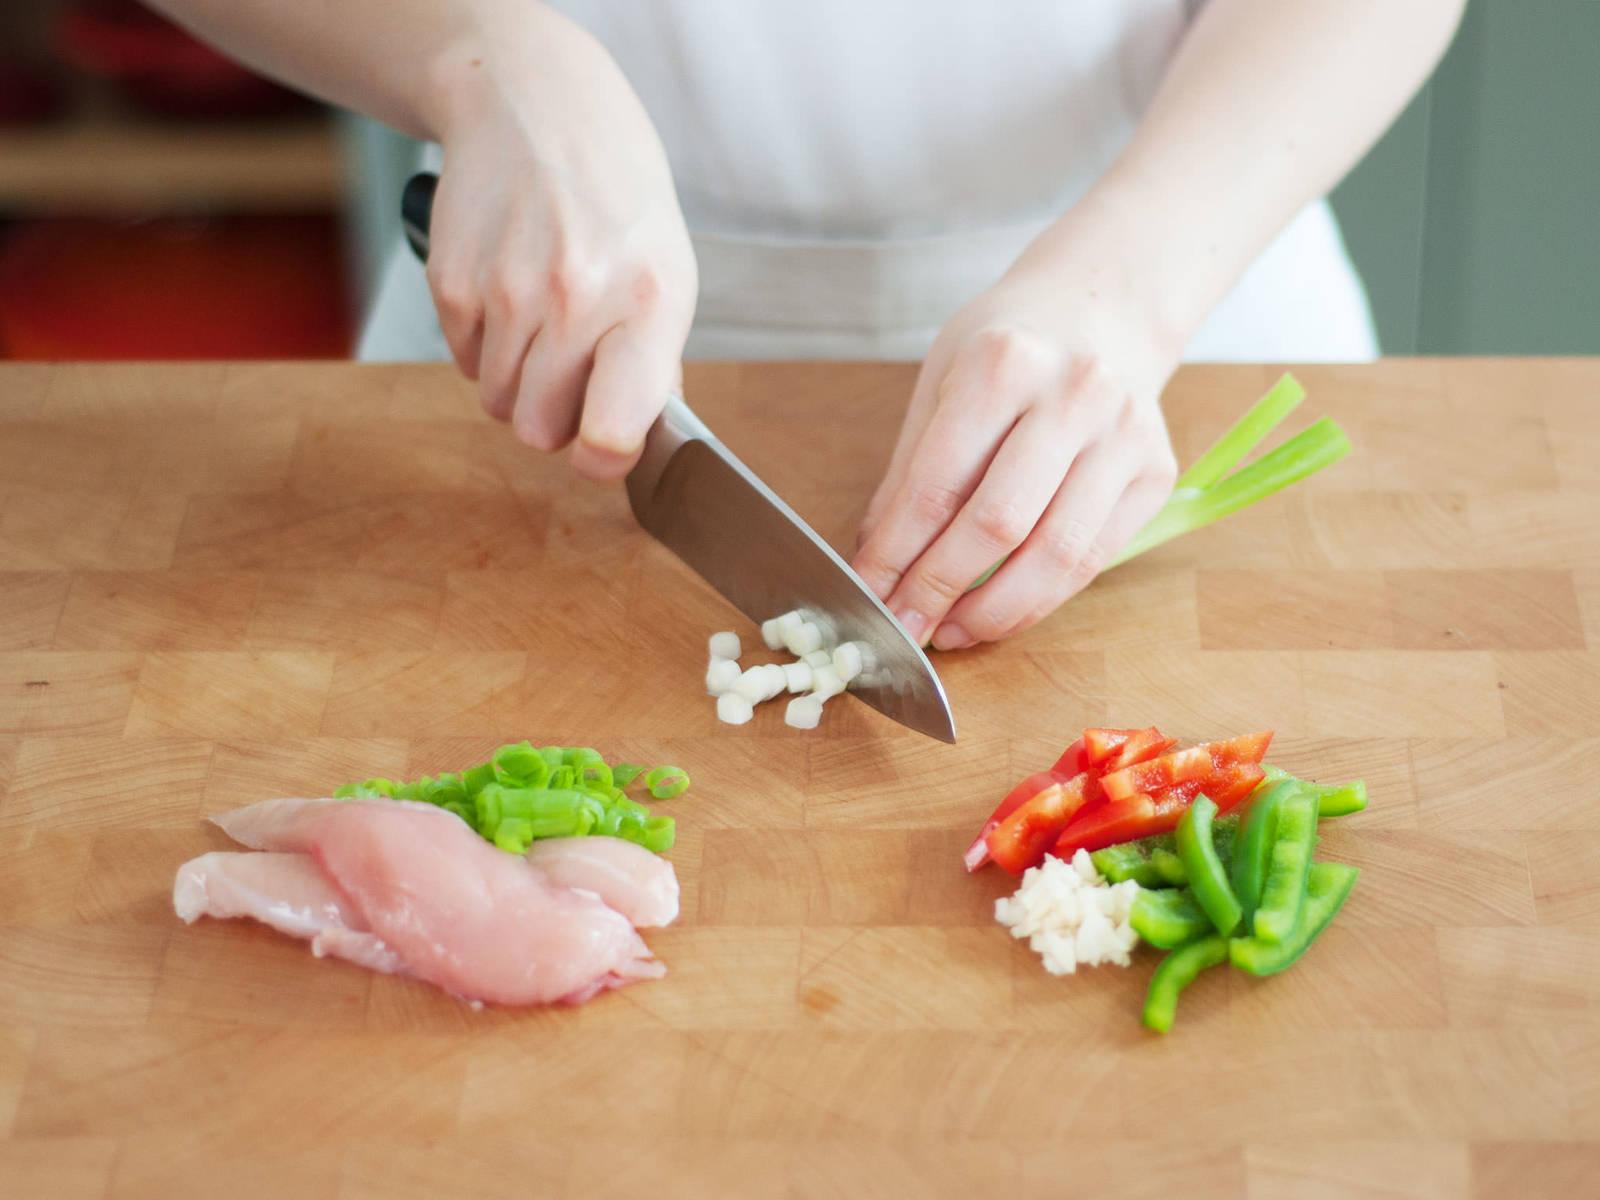 将鸡胸肉切成较大的块状。蒜和香菜剁碎,灯笼椒切条,香葱剁碎。